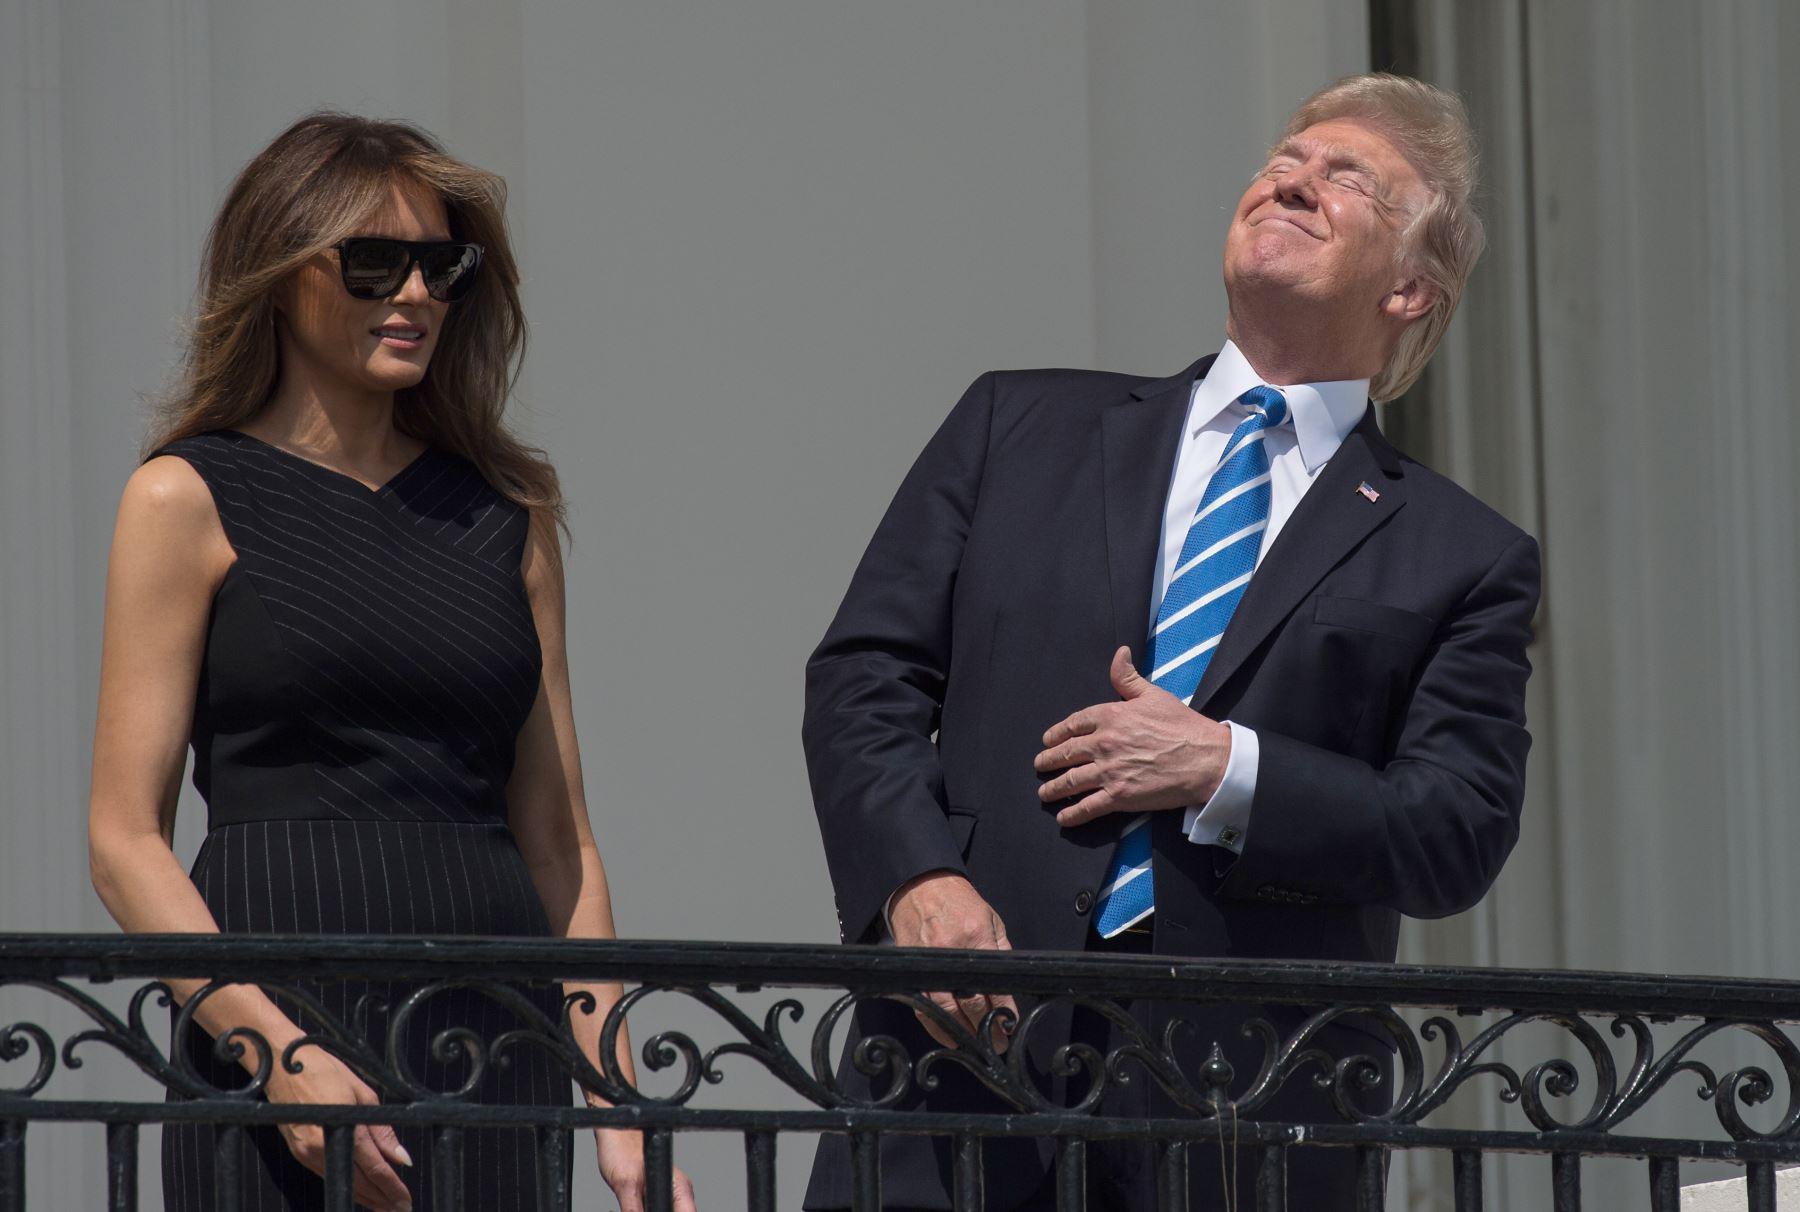 Presidente Donald Trump, busca el eclipse solar parcial desde el balcón de la Casa Blanca en Washington.Foto:AFP